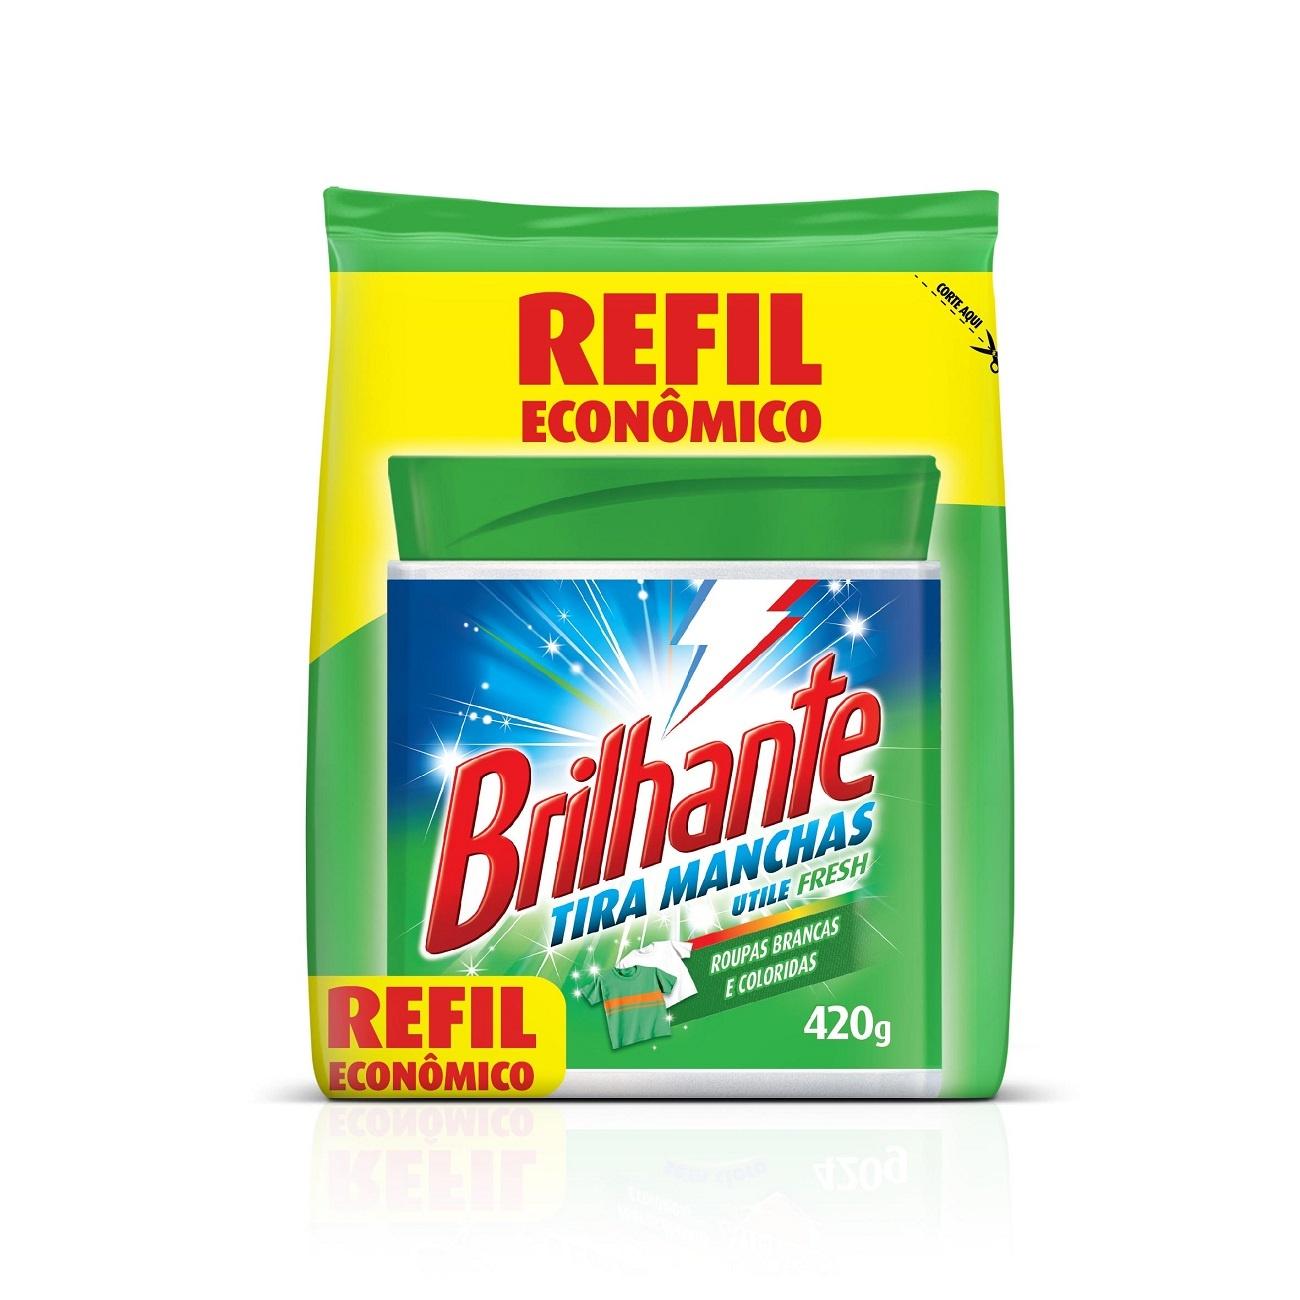 Refil Alvejante Brilhante Utile Tira Manchas Fresh 420g